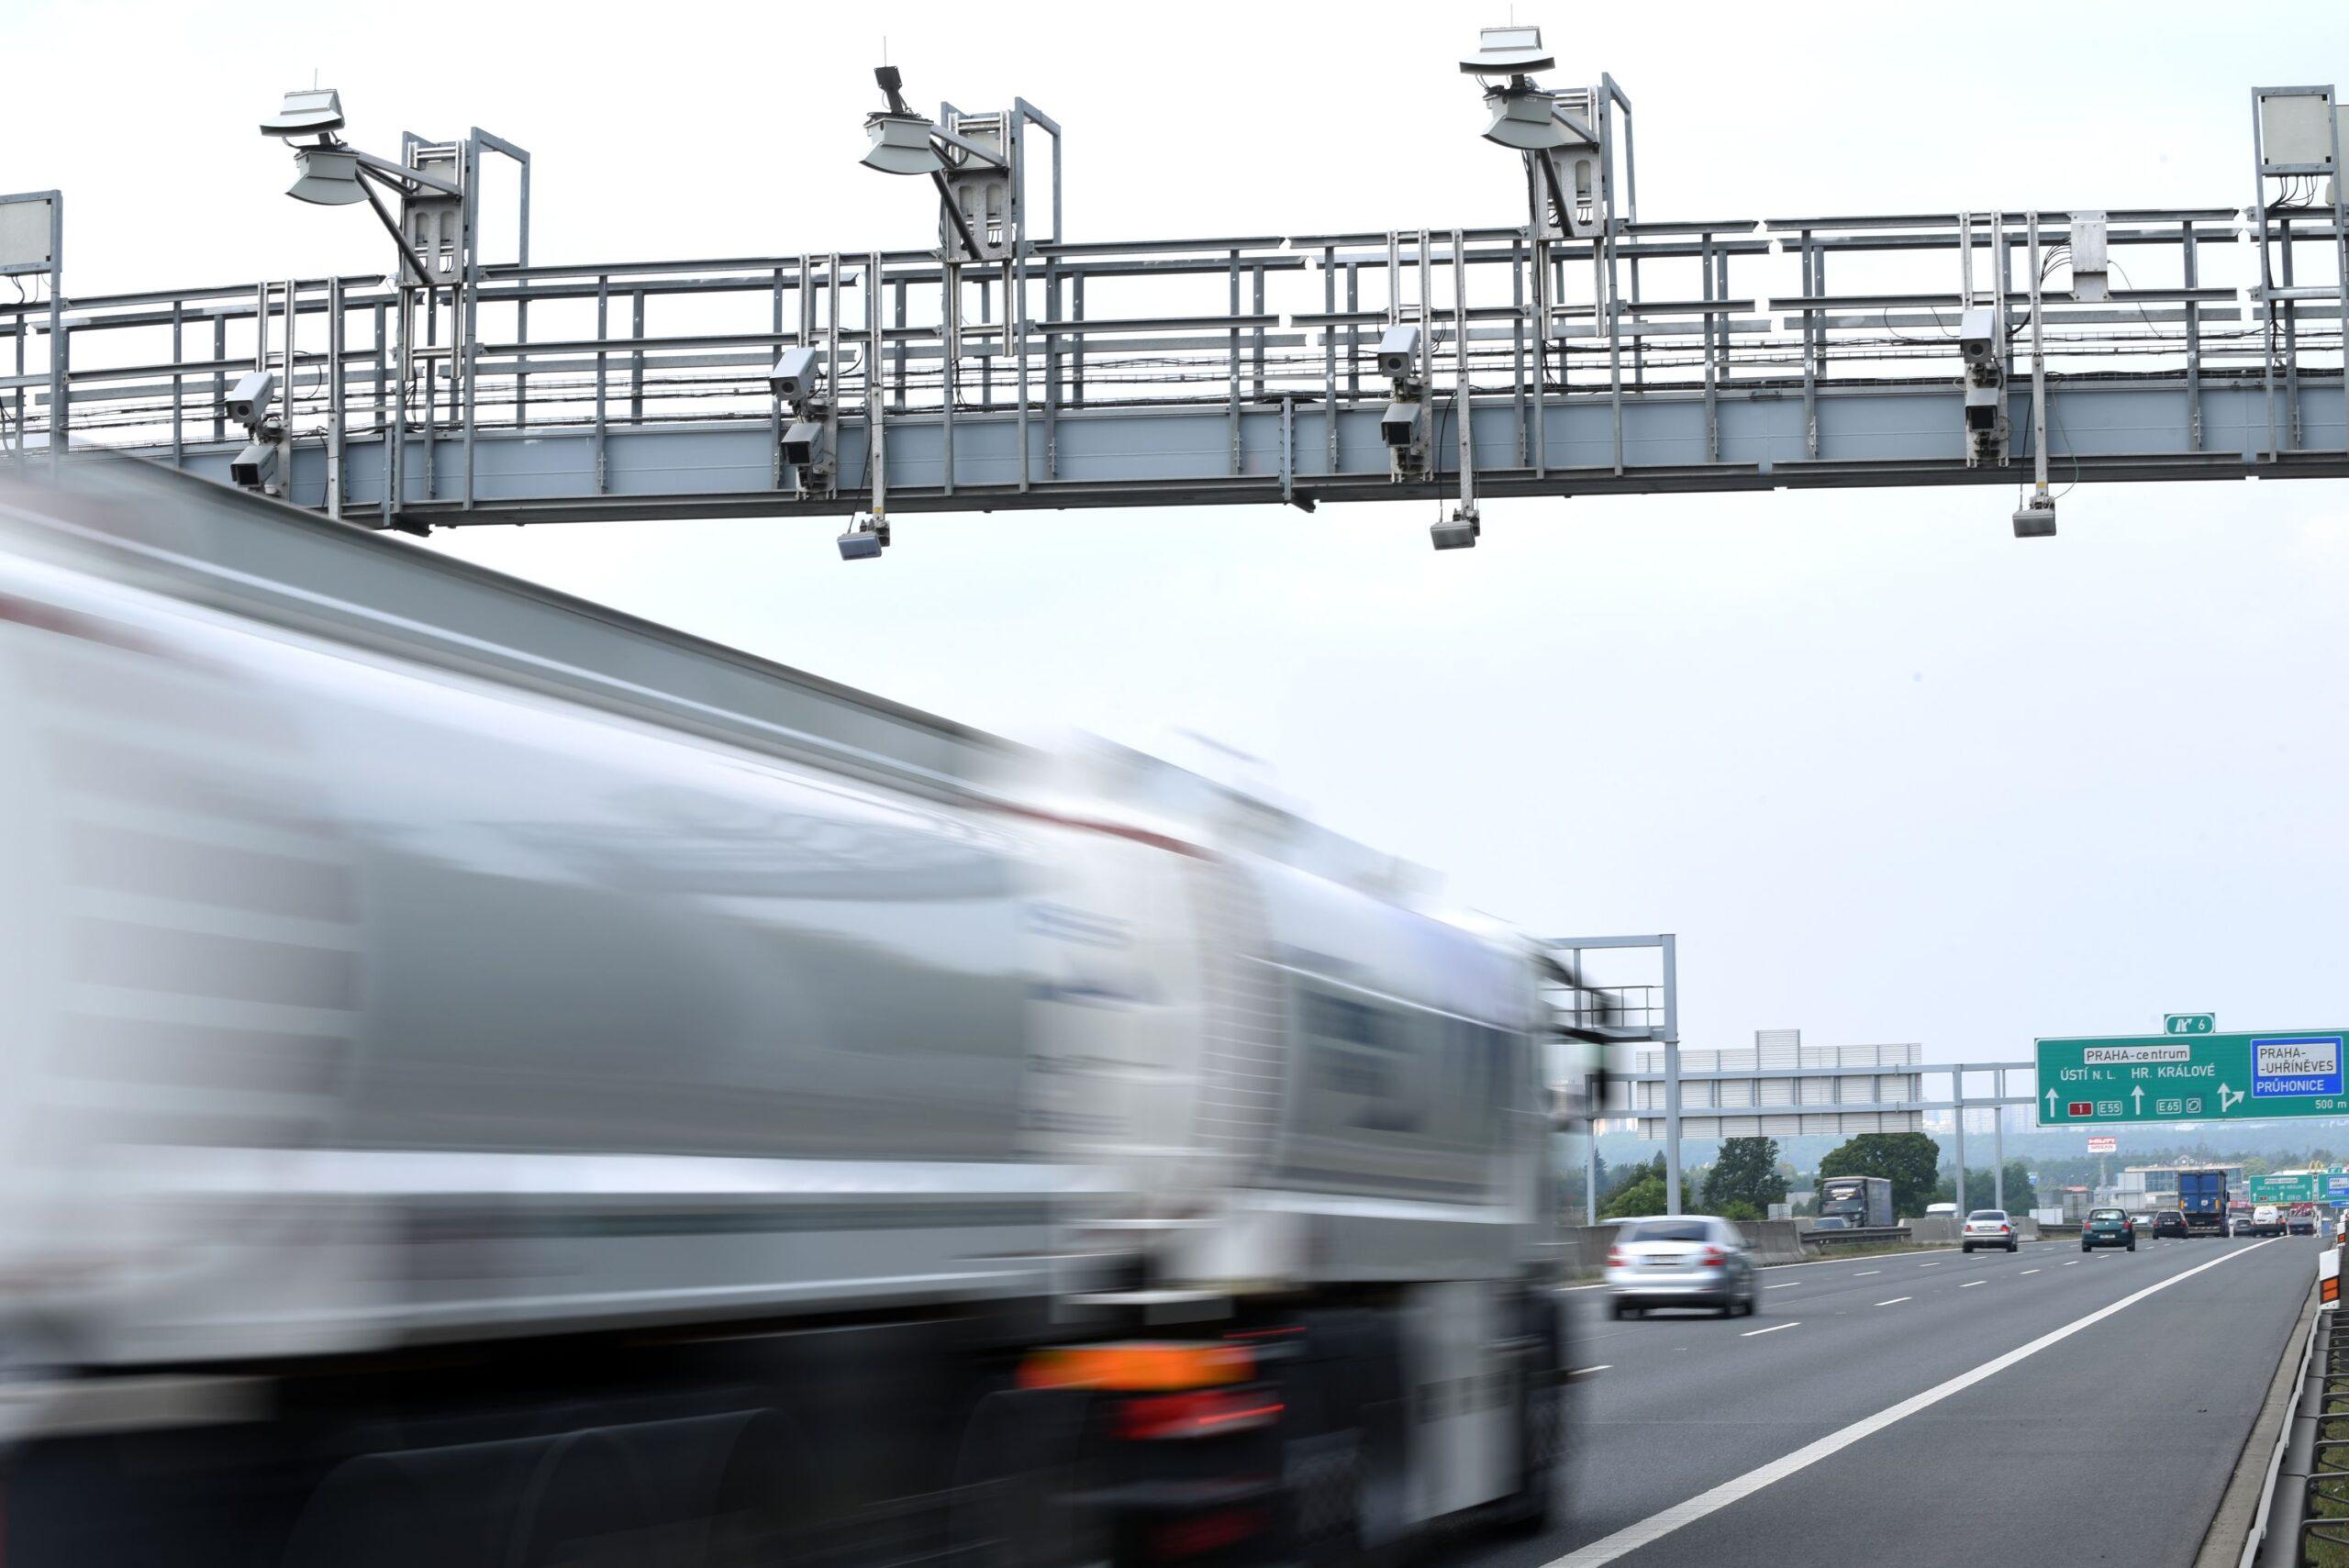 Nové mýto za rok činnosti zachytilo 950 mil. průjezdů za 11,2 mld